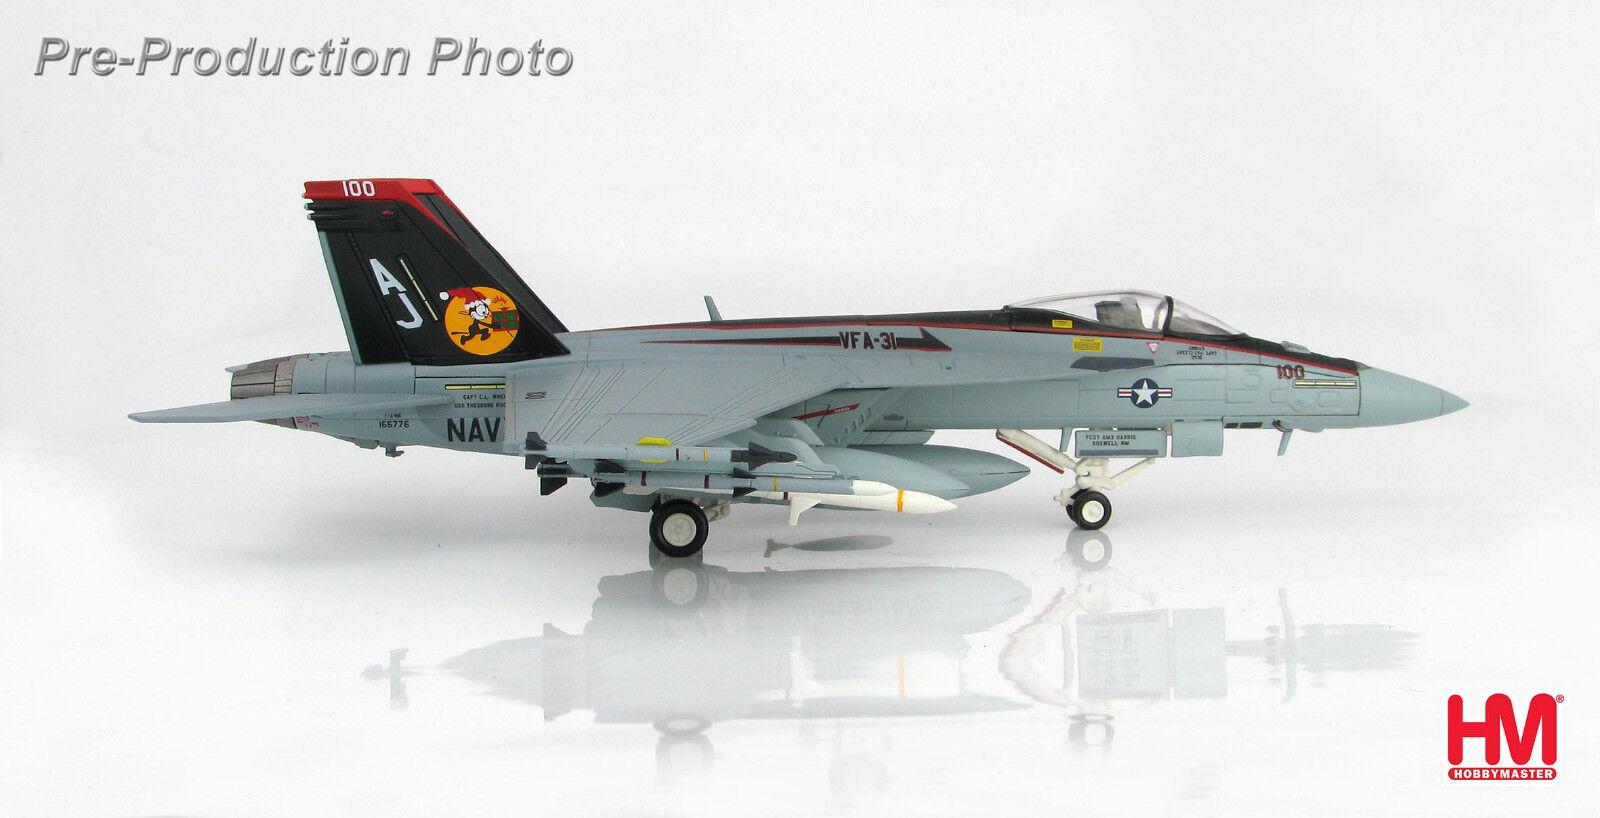 Hobby Master HA5107 HA5107 HA5107 1 72 McDonnell Douglas F A-18E  166776, VFA-31, Dec ddfe53